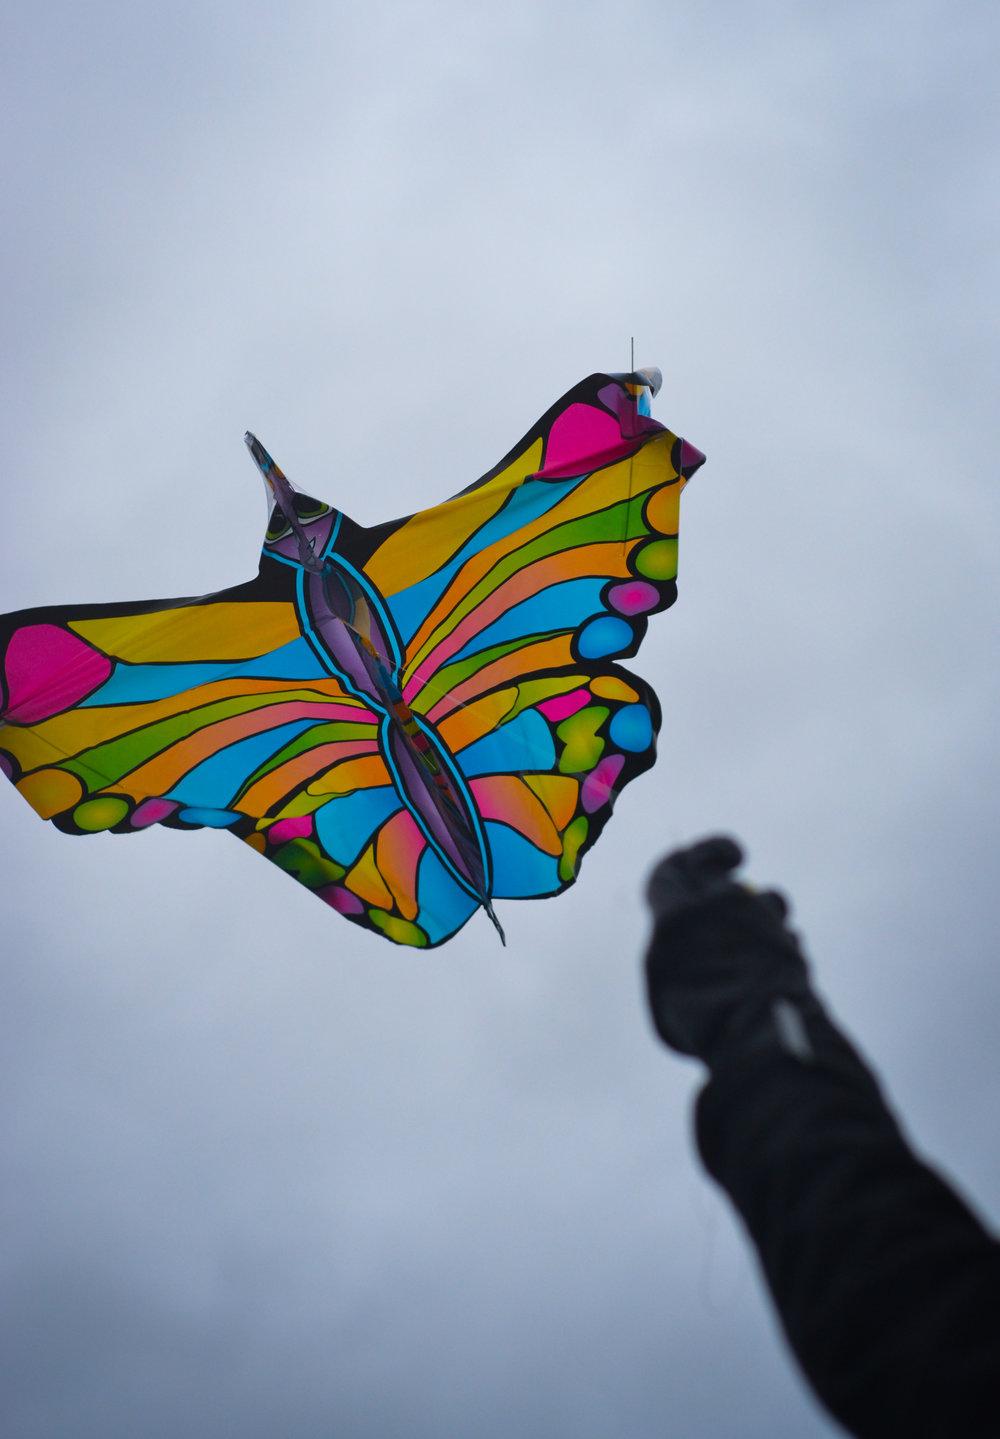 kite-darkened_24162355789_o.jpg